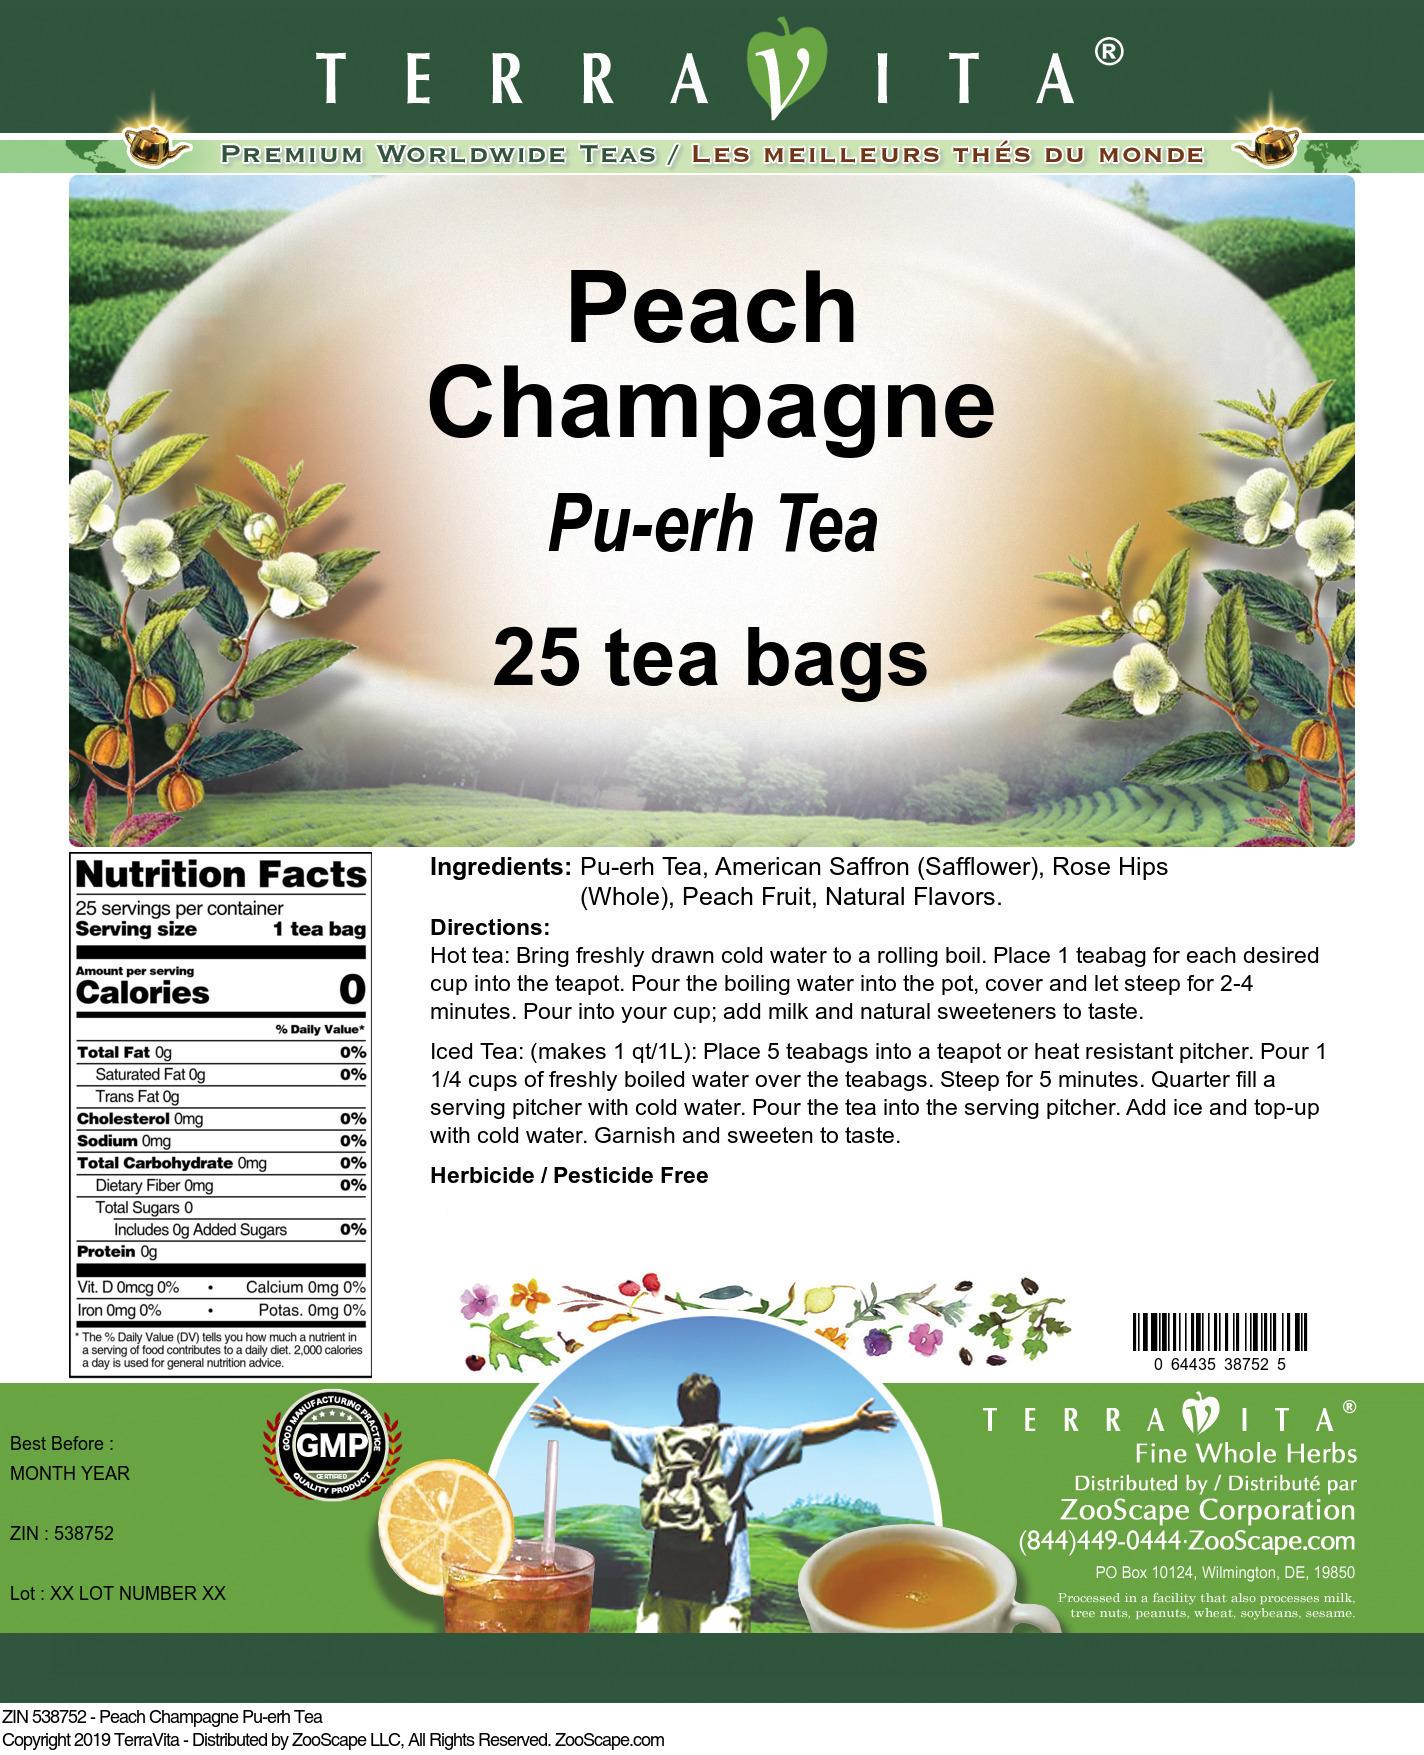 Peach Champagne Pu-erh Tea